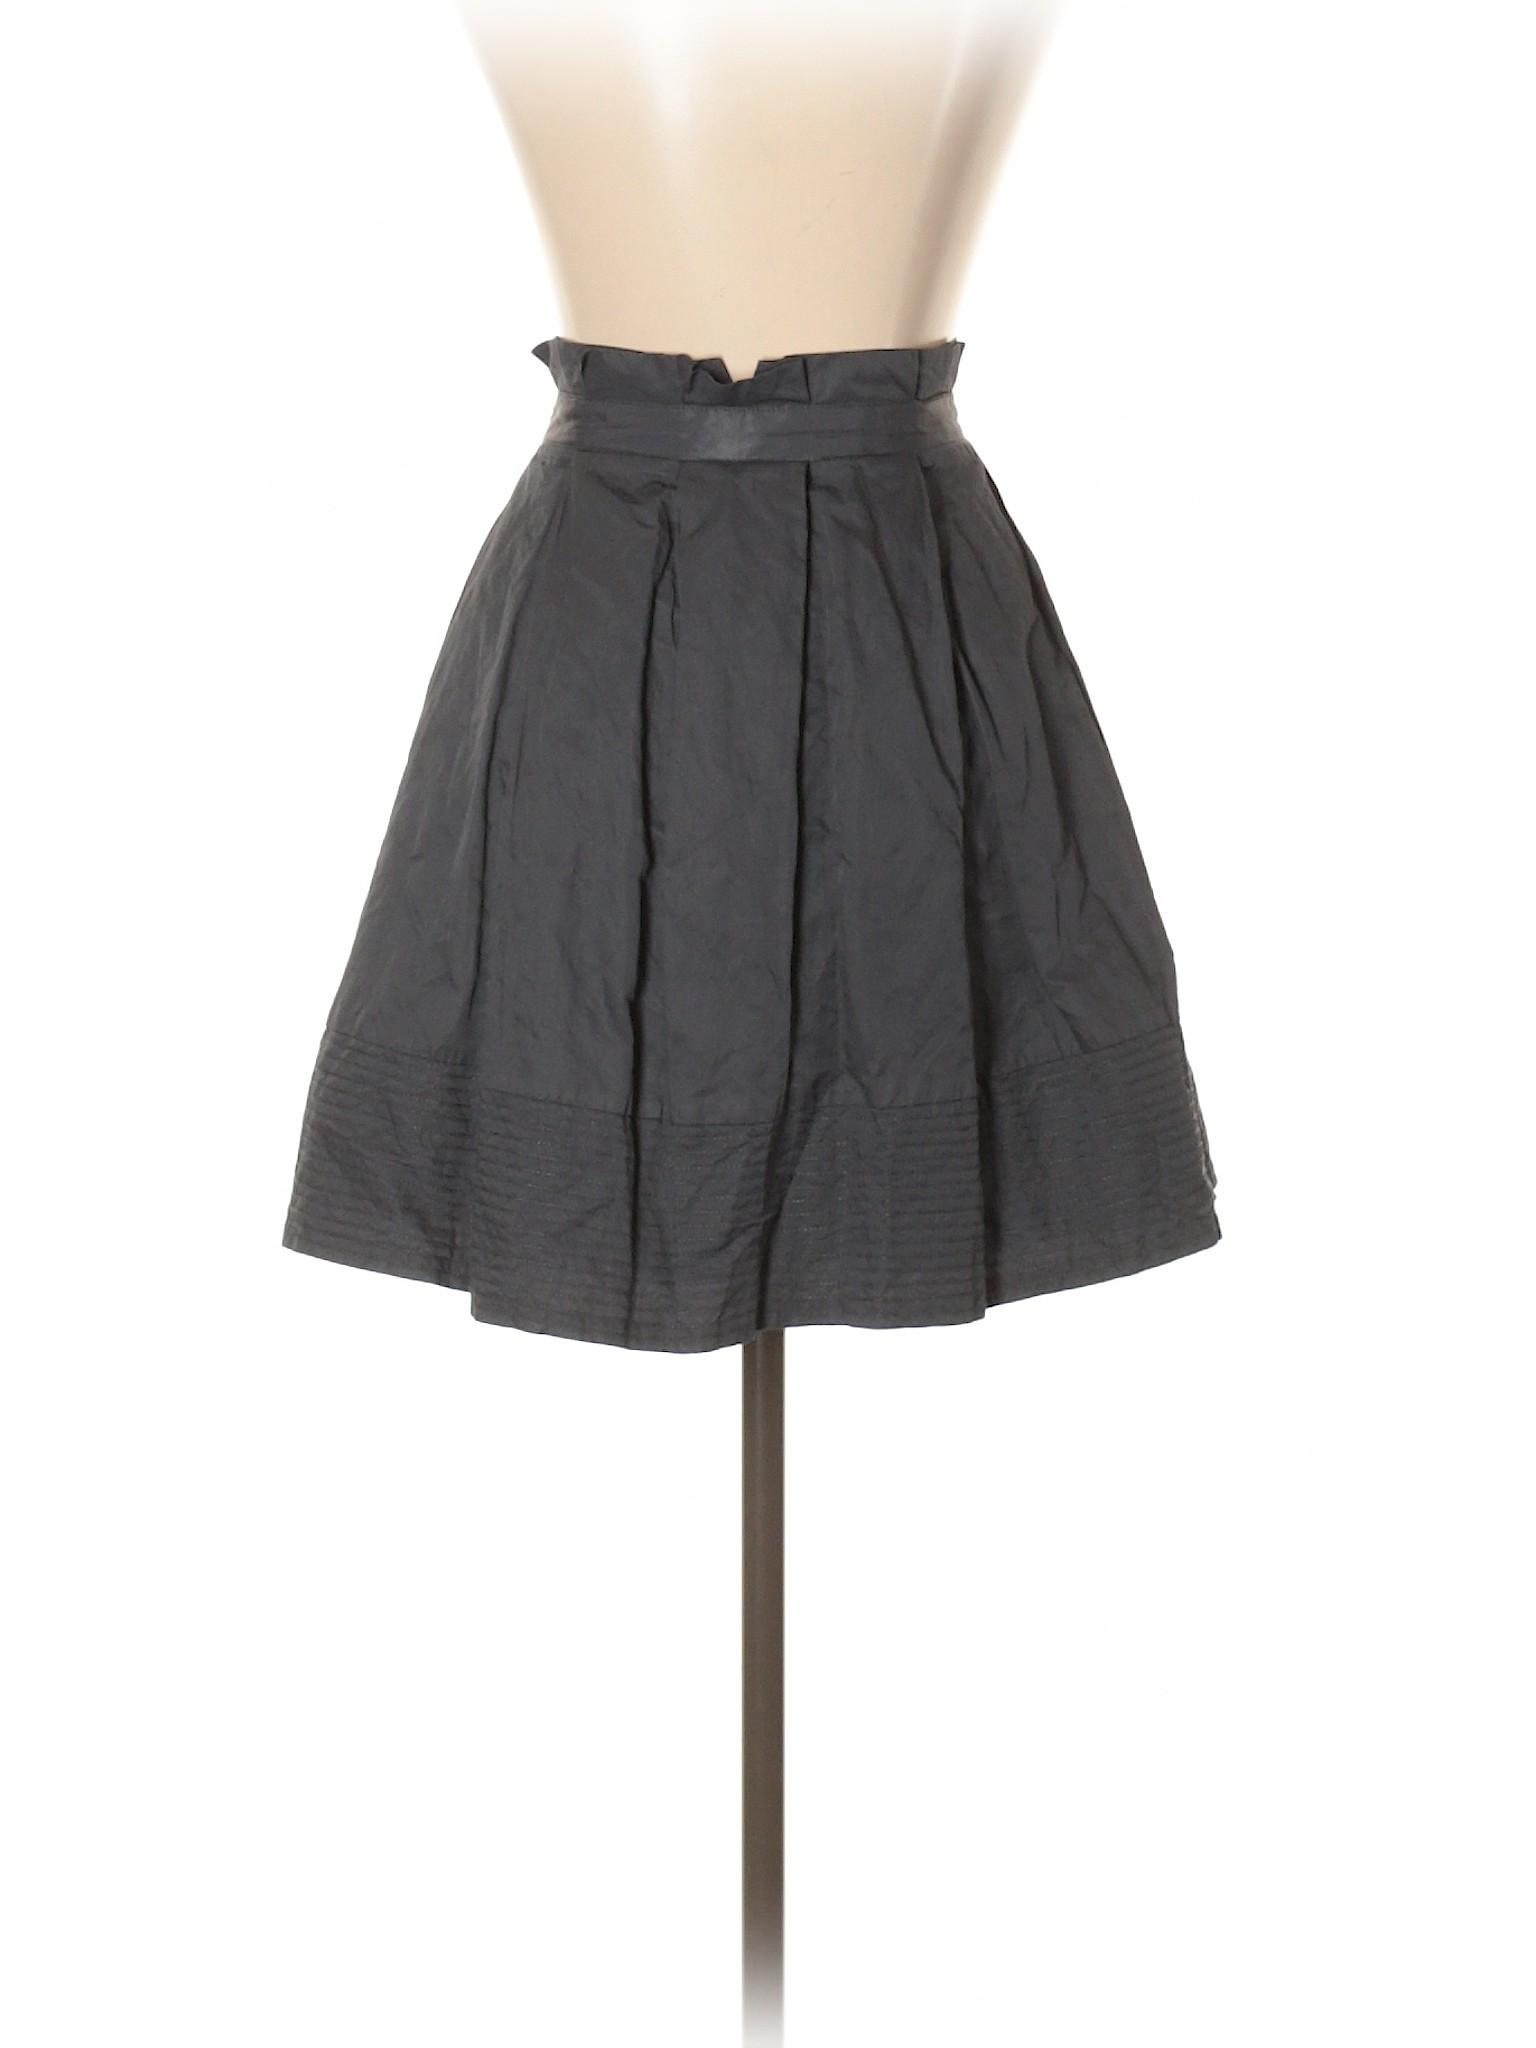 Boutique Casual Boutique Boutique Skirt Casual Skirt Casual Casual Boutique Skirt Boutique Casual Skirt r6rwAqX